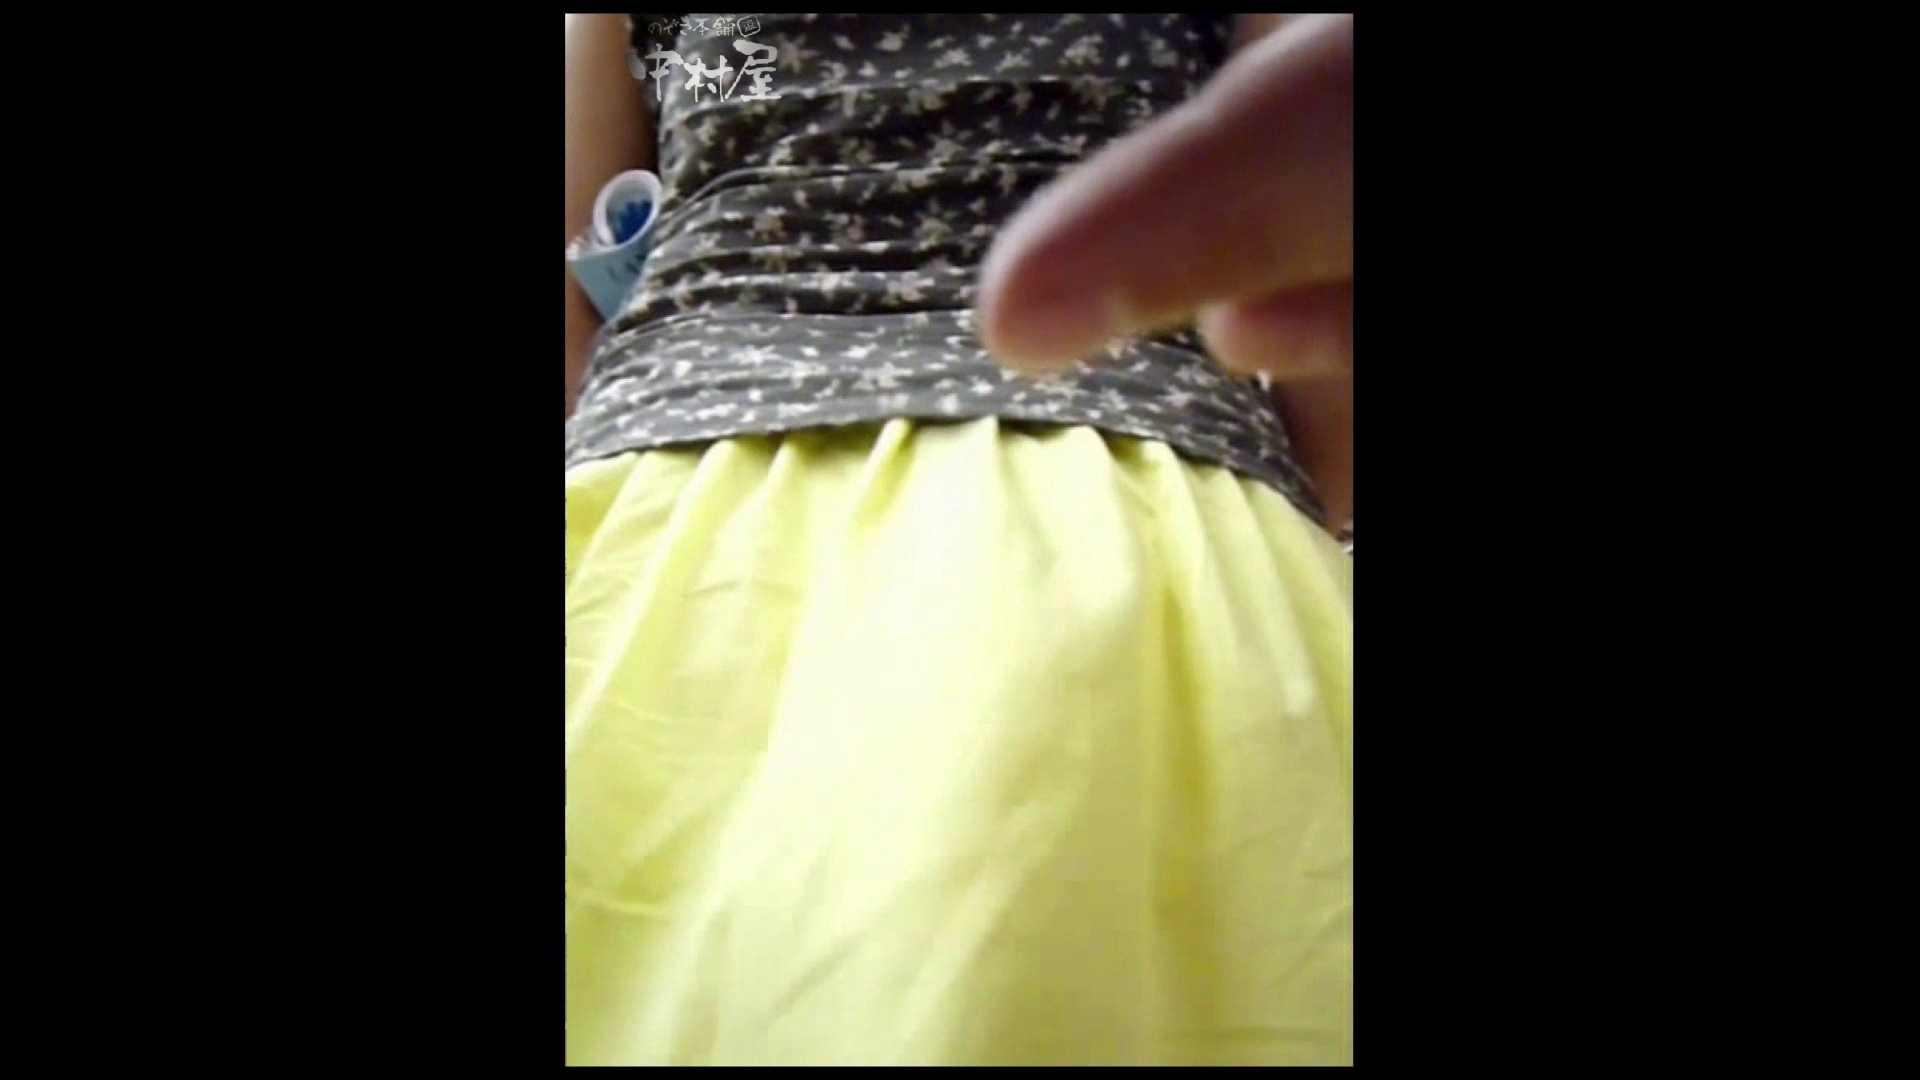 綺麗なモデルさんのスカート捲っちゃおう‼ vol29 お姉さんのエロ生活 ワレメ動画紹介 83連発 47